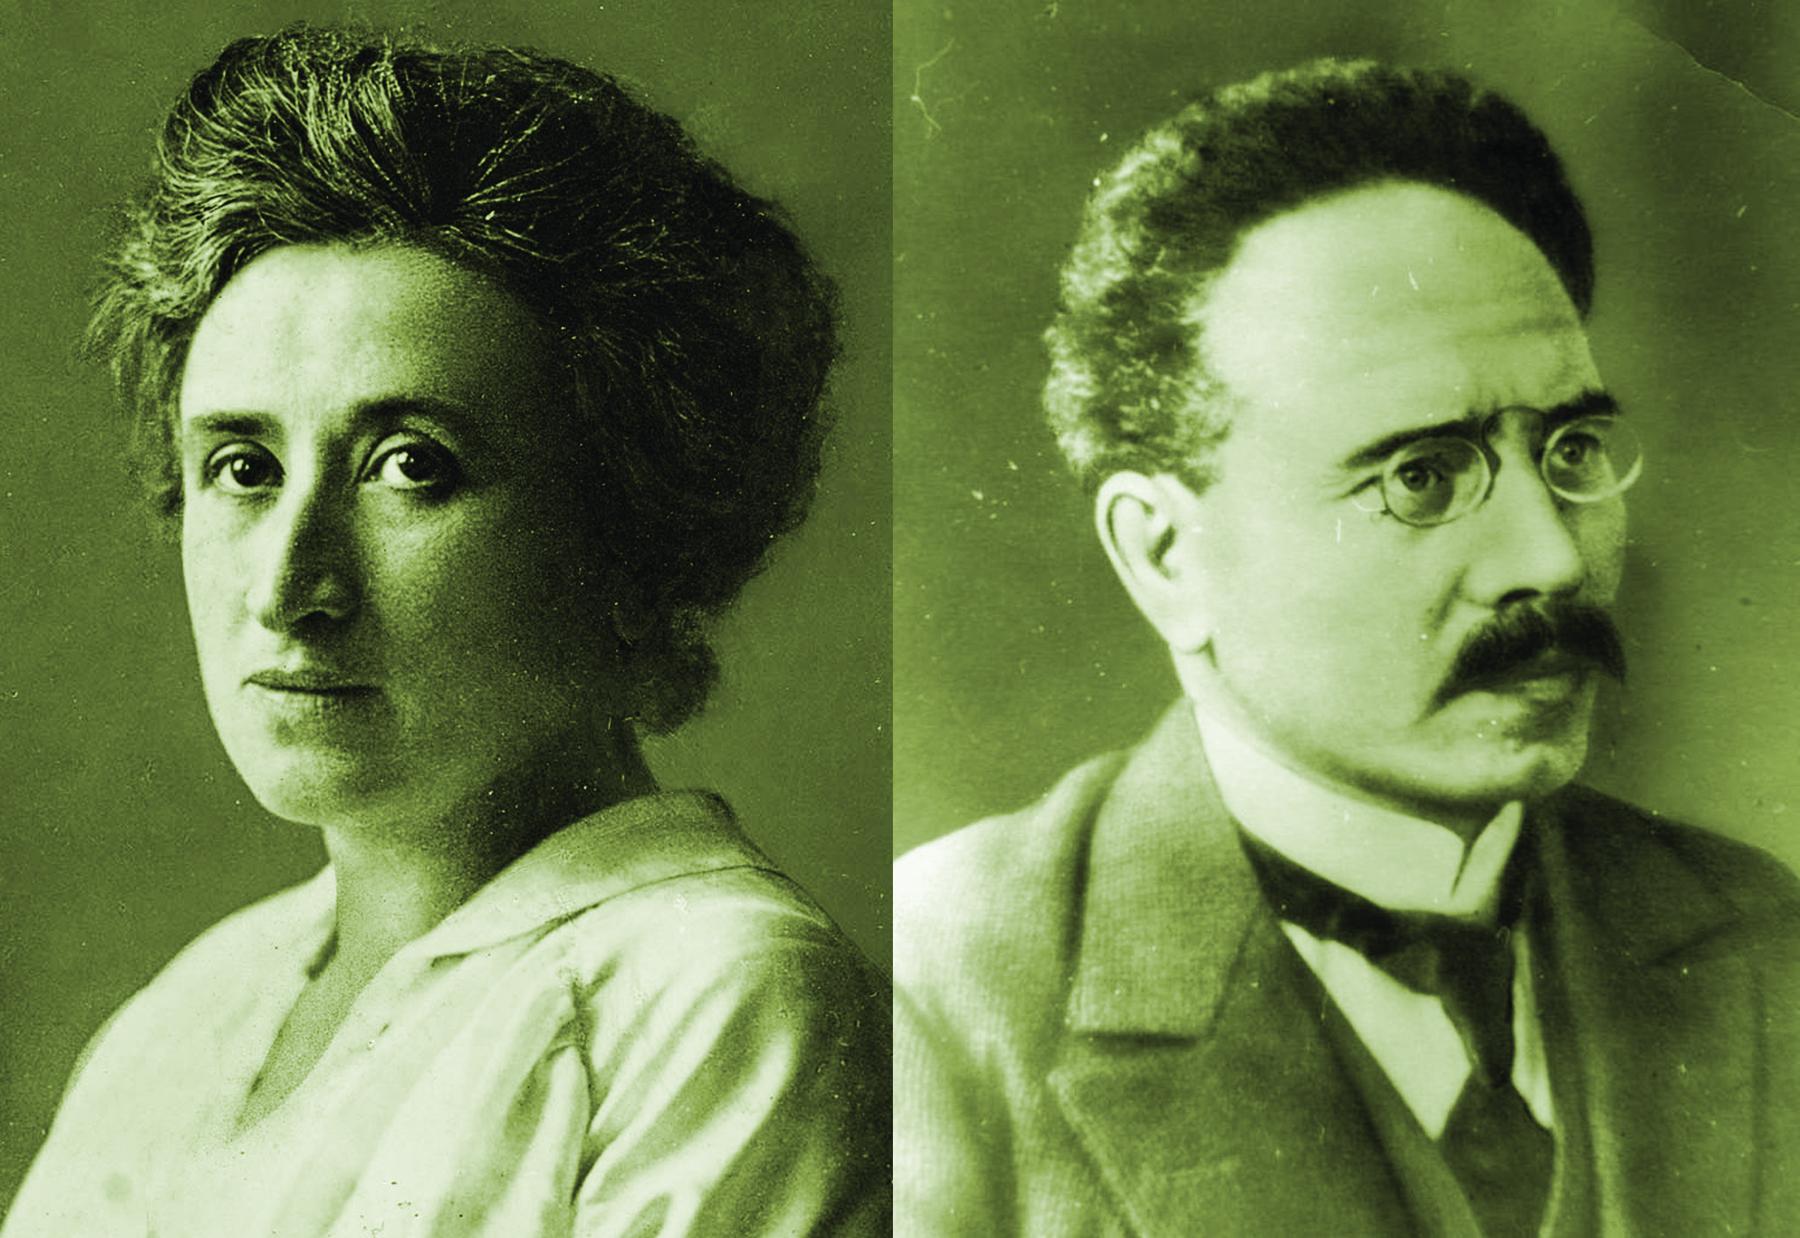 德國共產黨剛剛成立,它的兩位傑出領導人盧森堡和李蔔克內西就被殺害了。